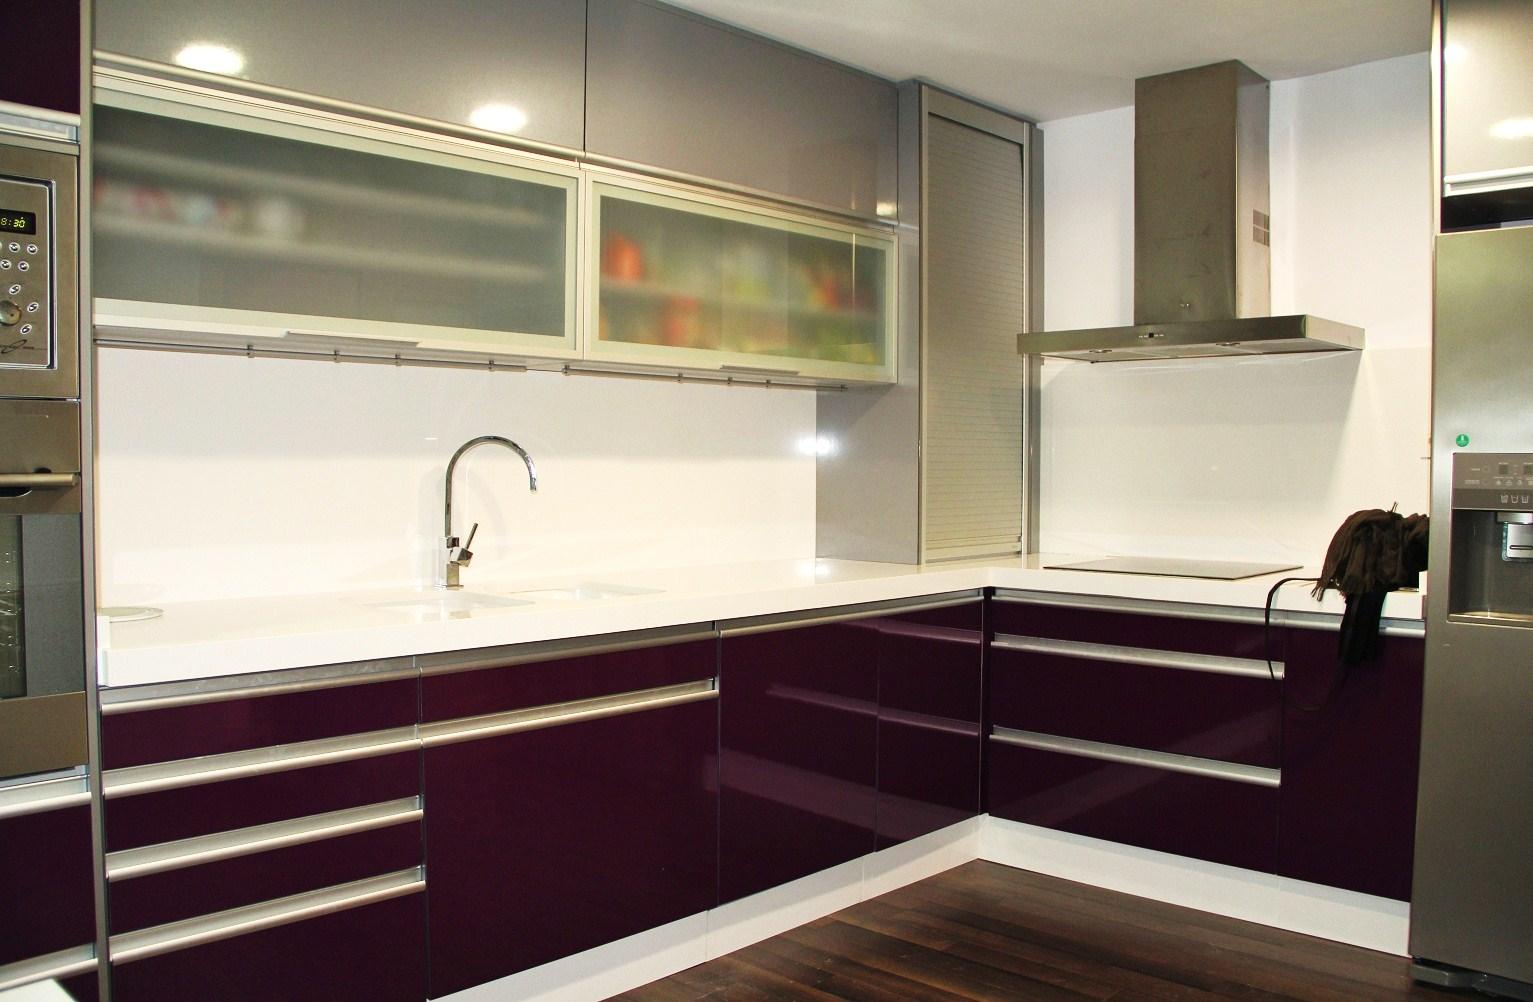 Dise o cocinas valencia y mobiliario para cocinas for Mobiliario para cocina